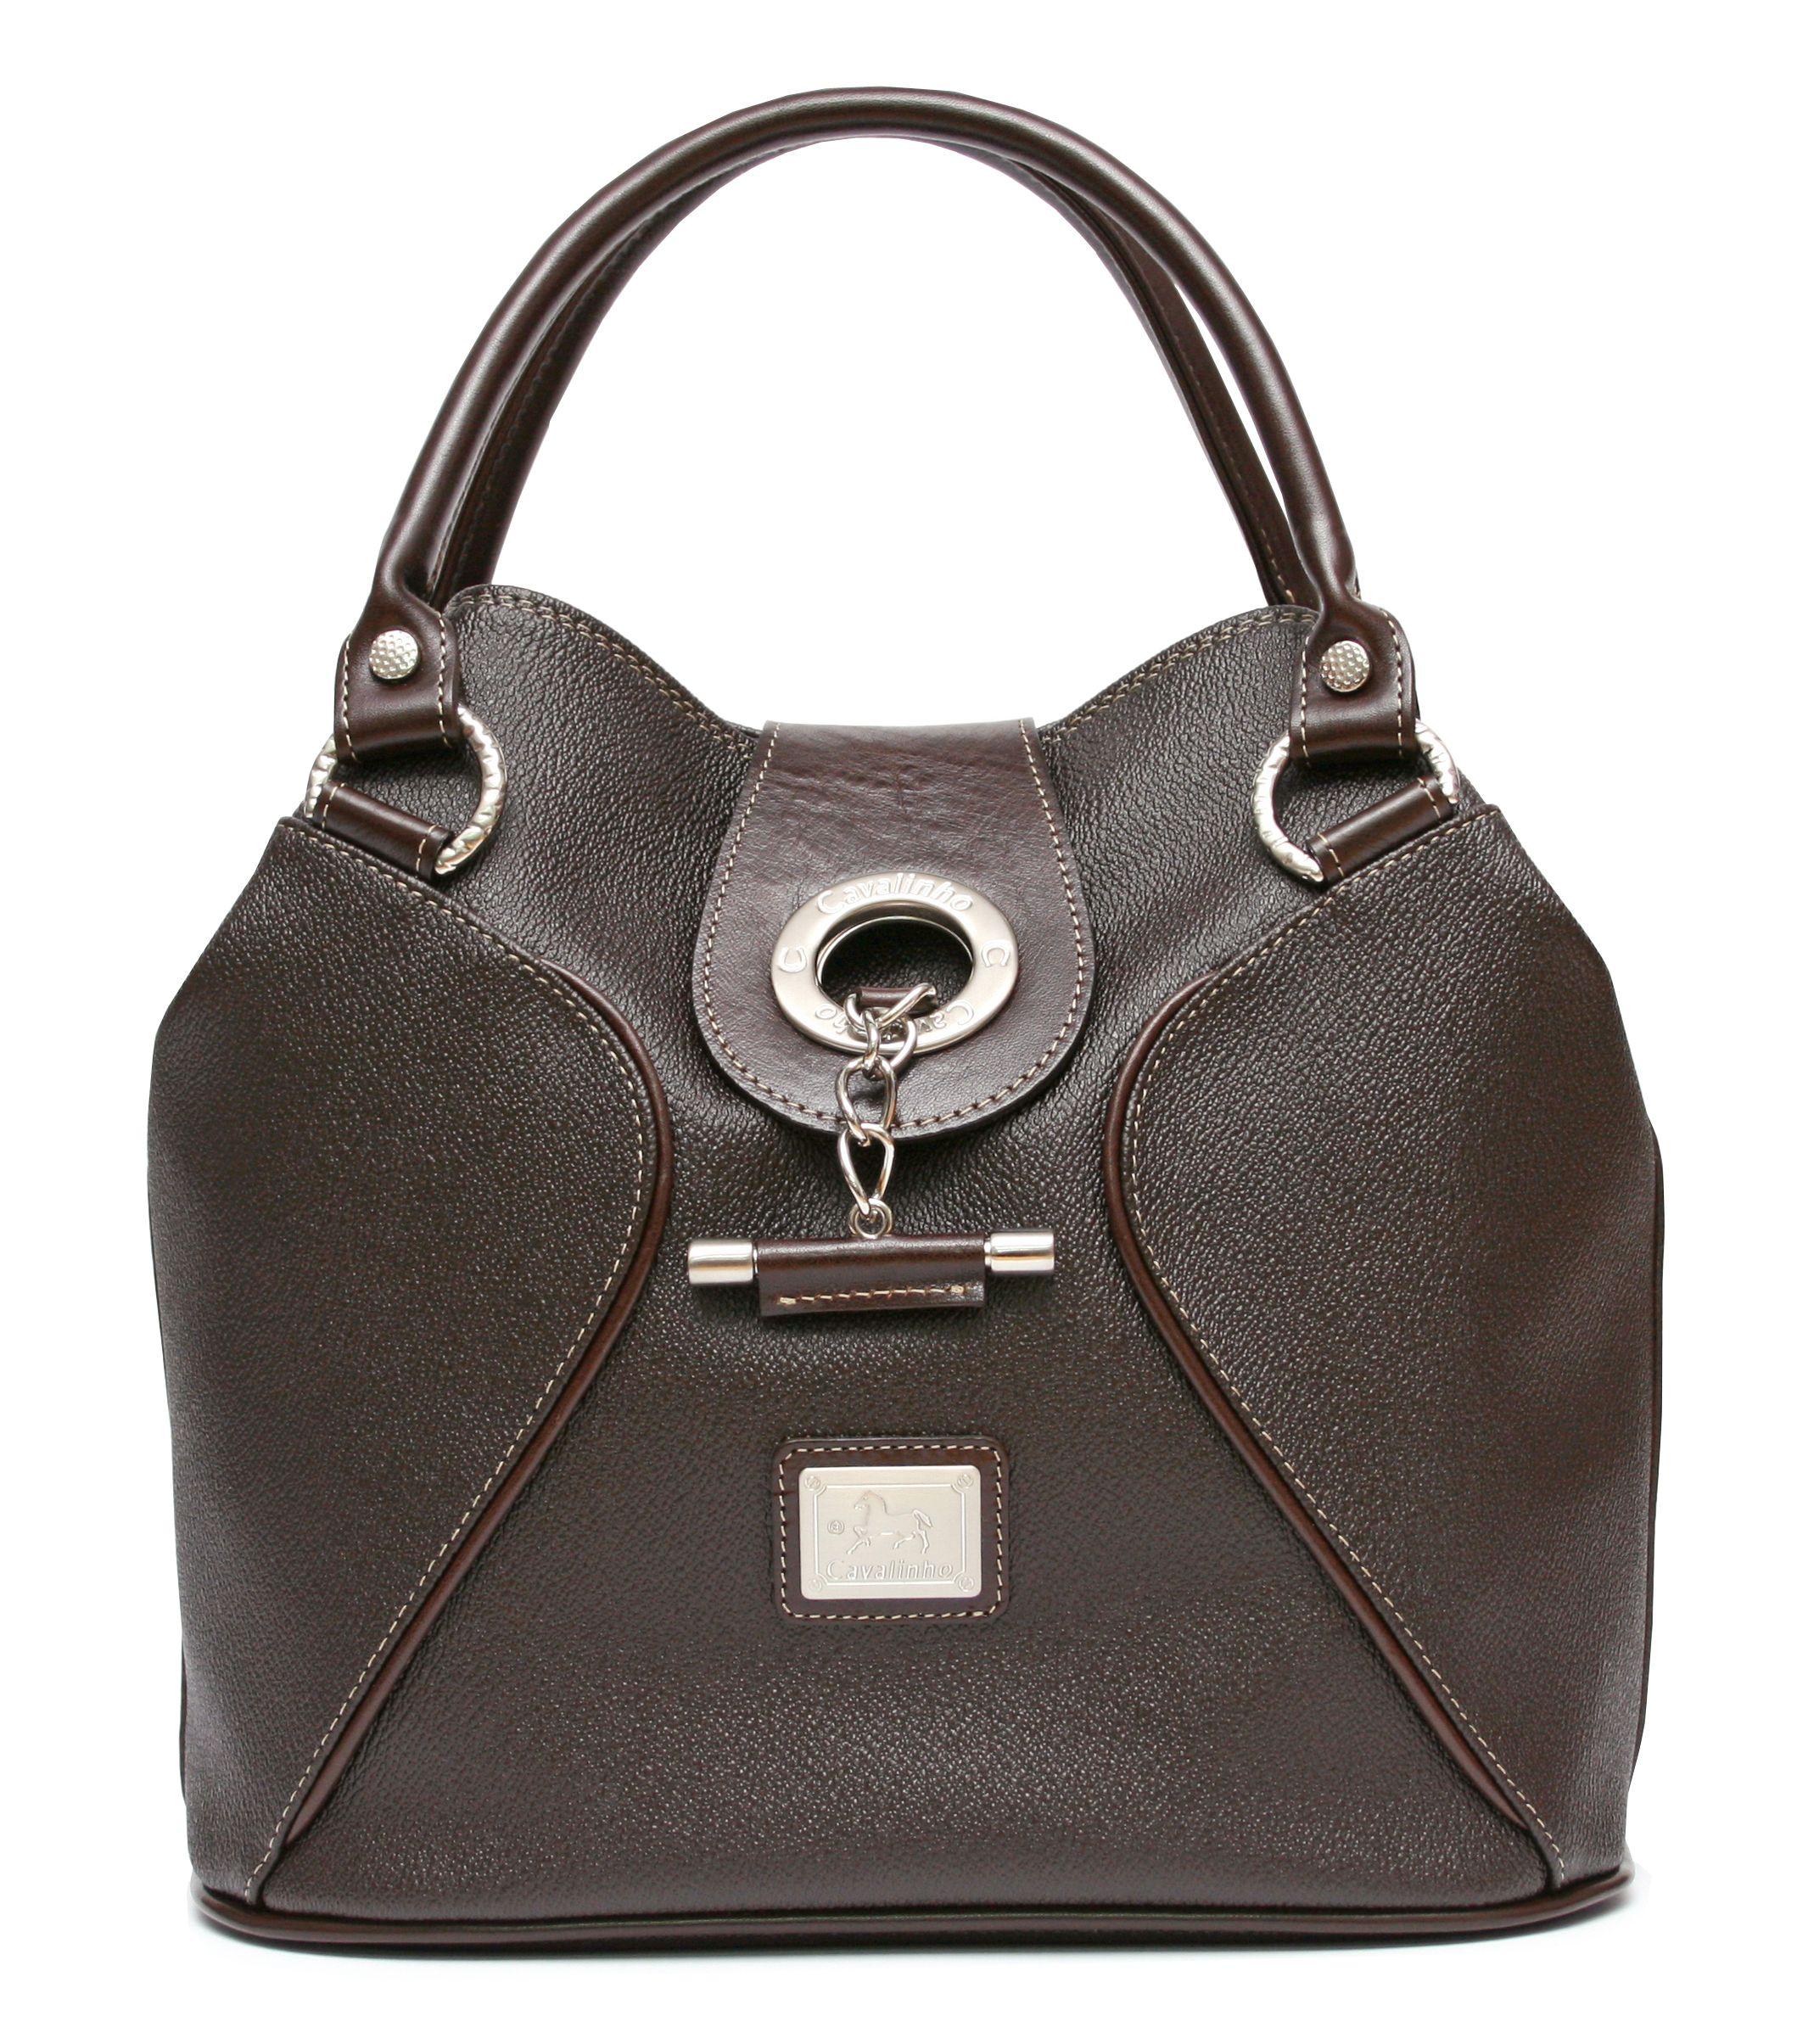 fcd5f3e3971 A Cavalinho sugere-lhe os melhores modelos! We always suggest you the best  handbags! Ref  1010017  cavalinho  cavalinhoficial